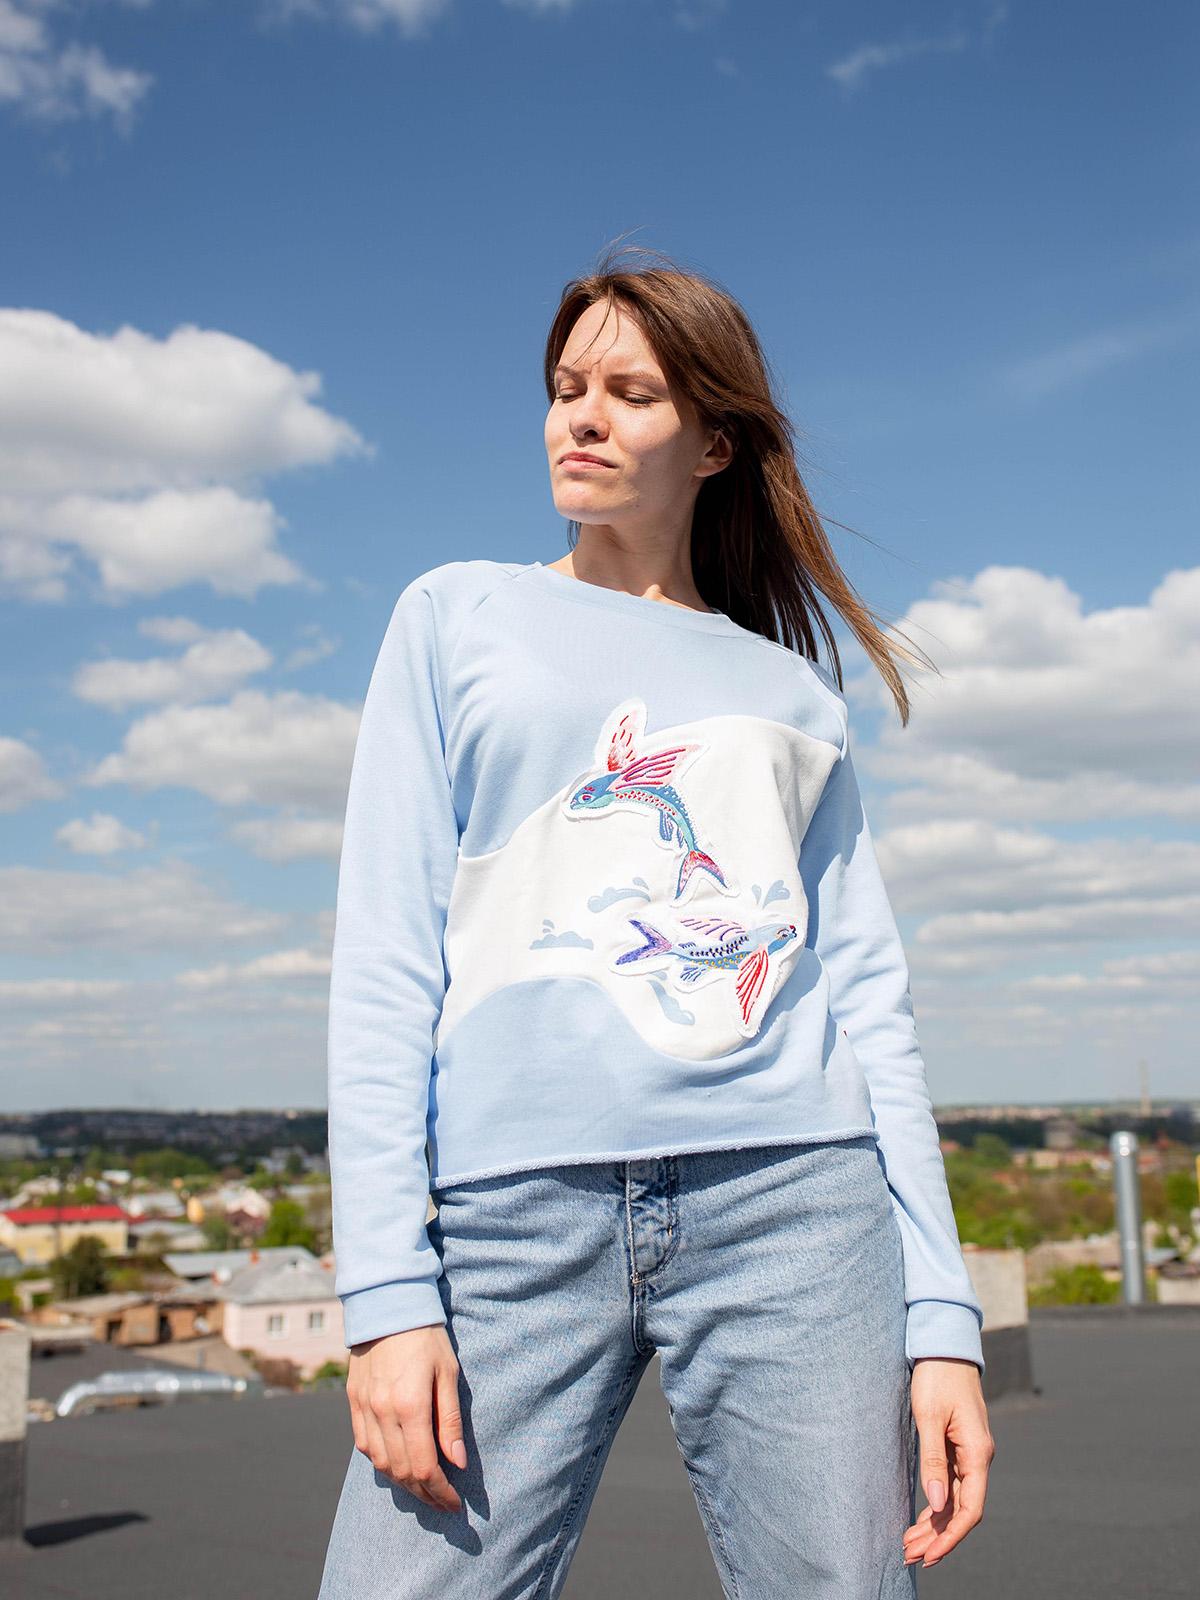 Жіночий Світшот Летючі Рибки. Колір блакитний.  Розмір на моделі: S.